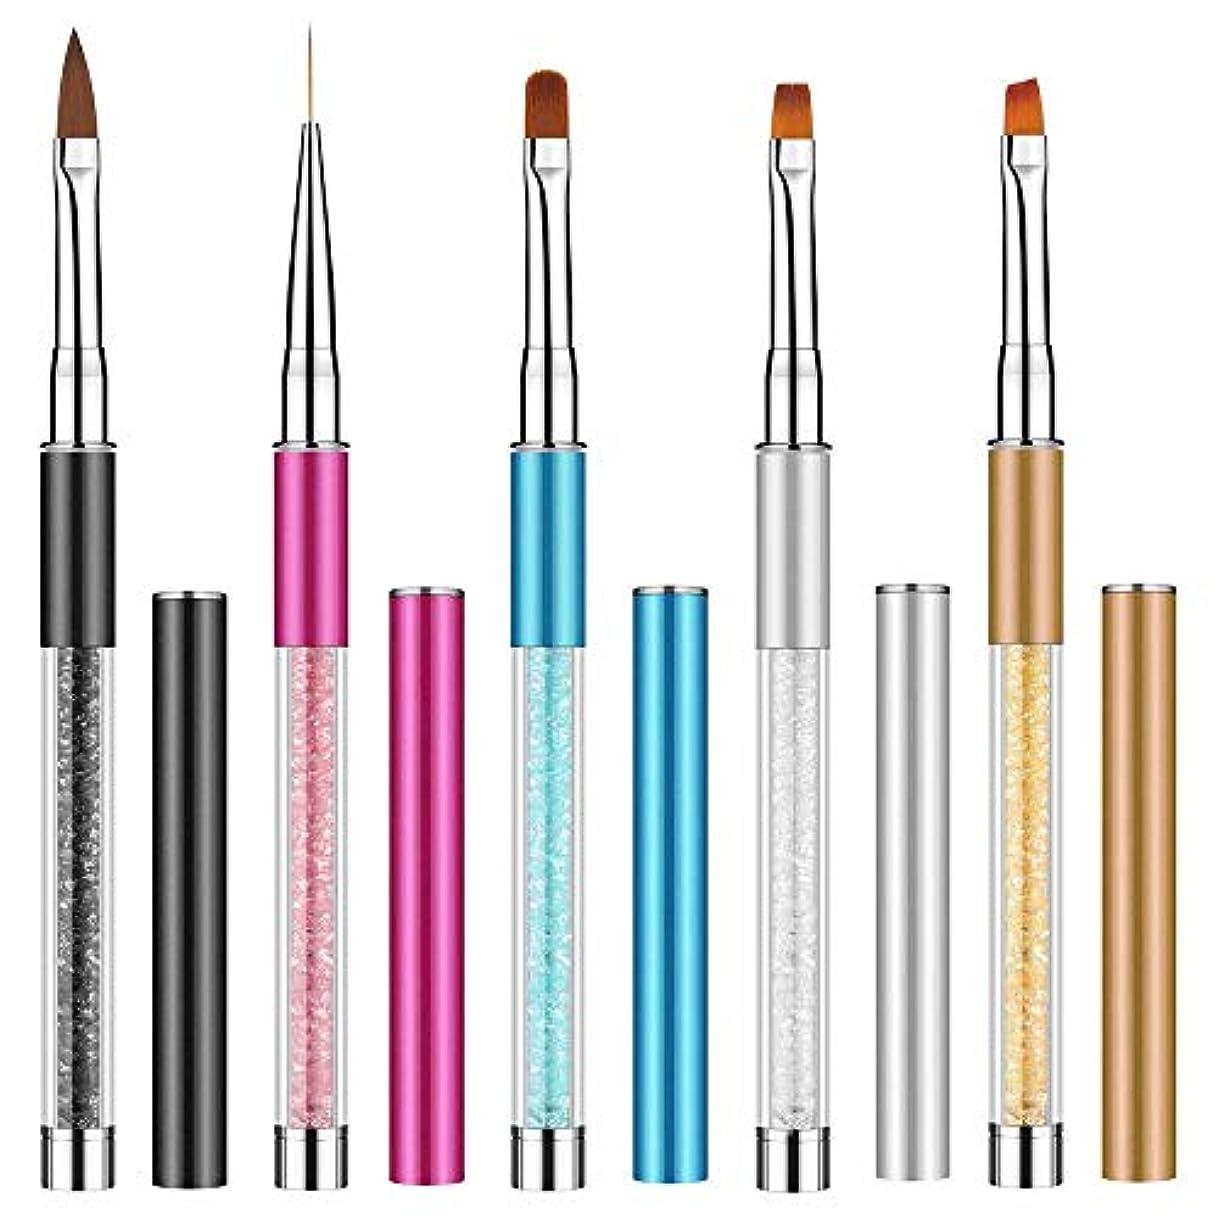 飾る踏みつけ尊敬するネールアートペン ネールブラシセット マニキュアツールキット アクリル UV用 ネイルツール ネイル用品 キャップ付き 5本セッネイルアートブラシ